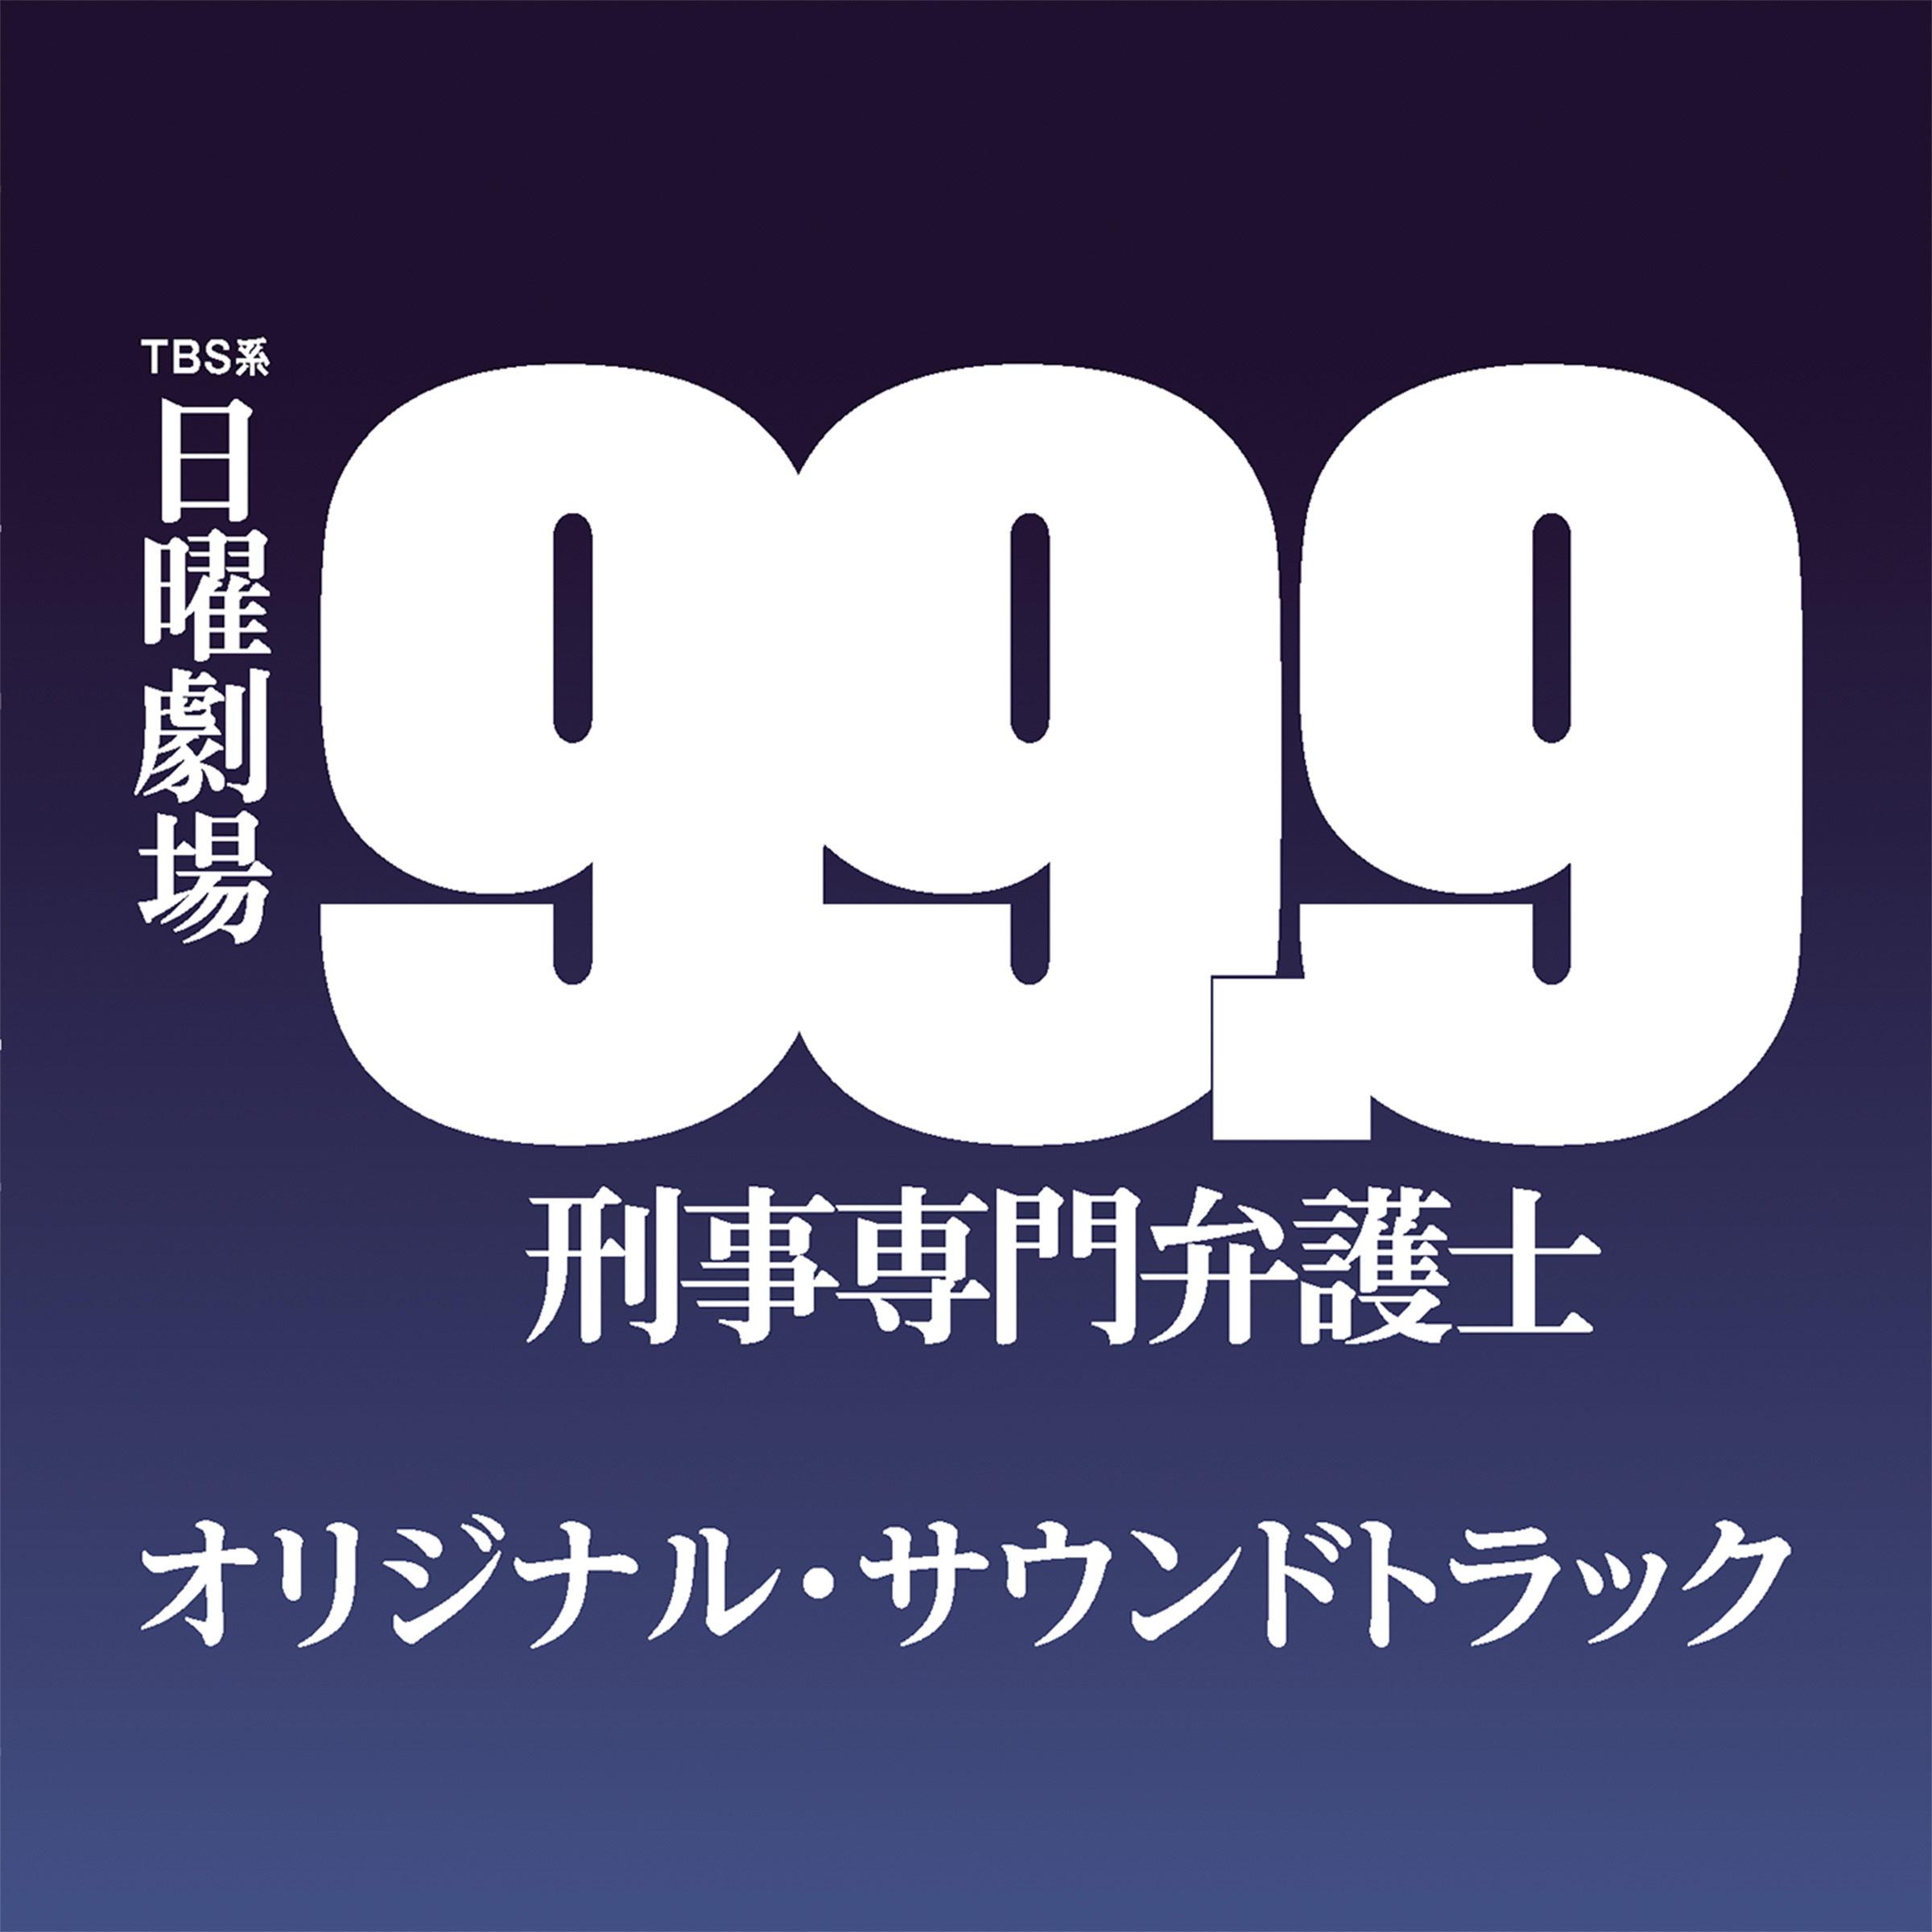 弁護士 99.9 刑事 専門